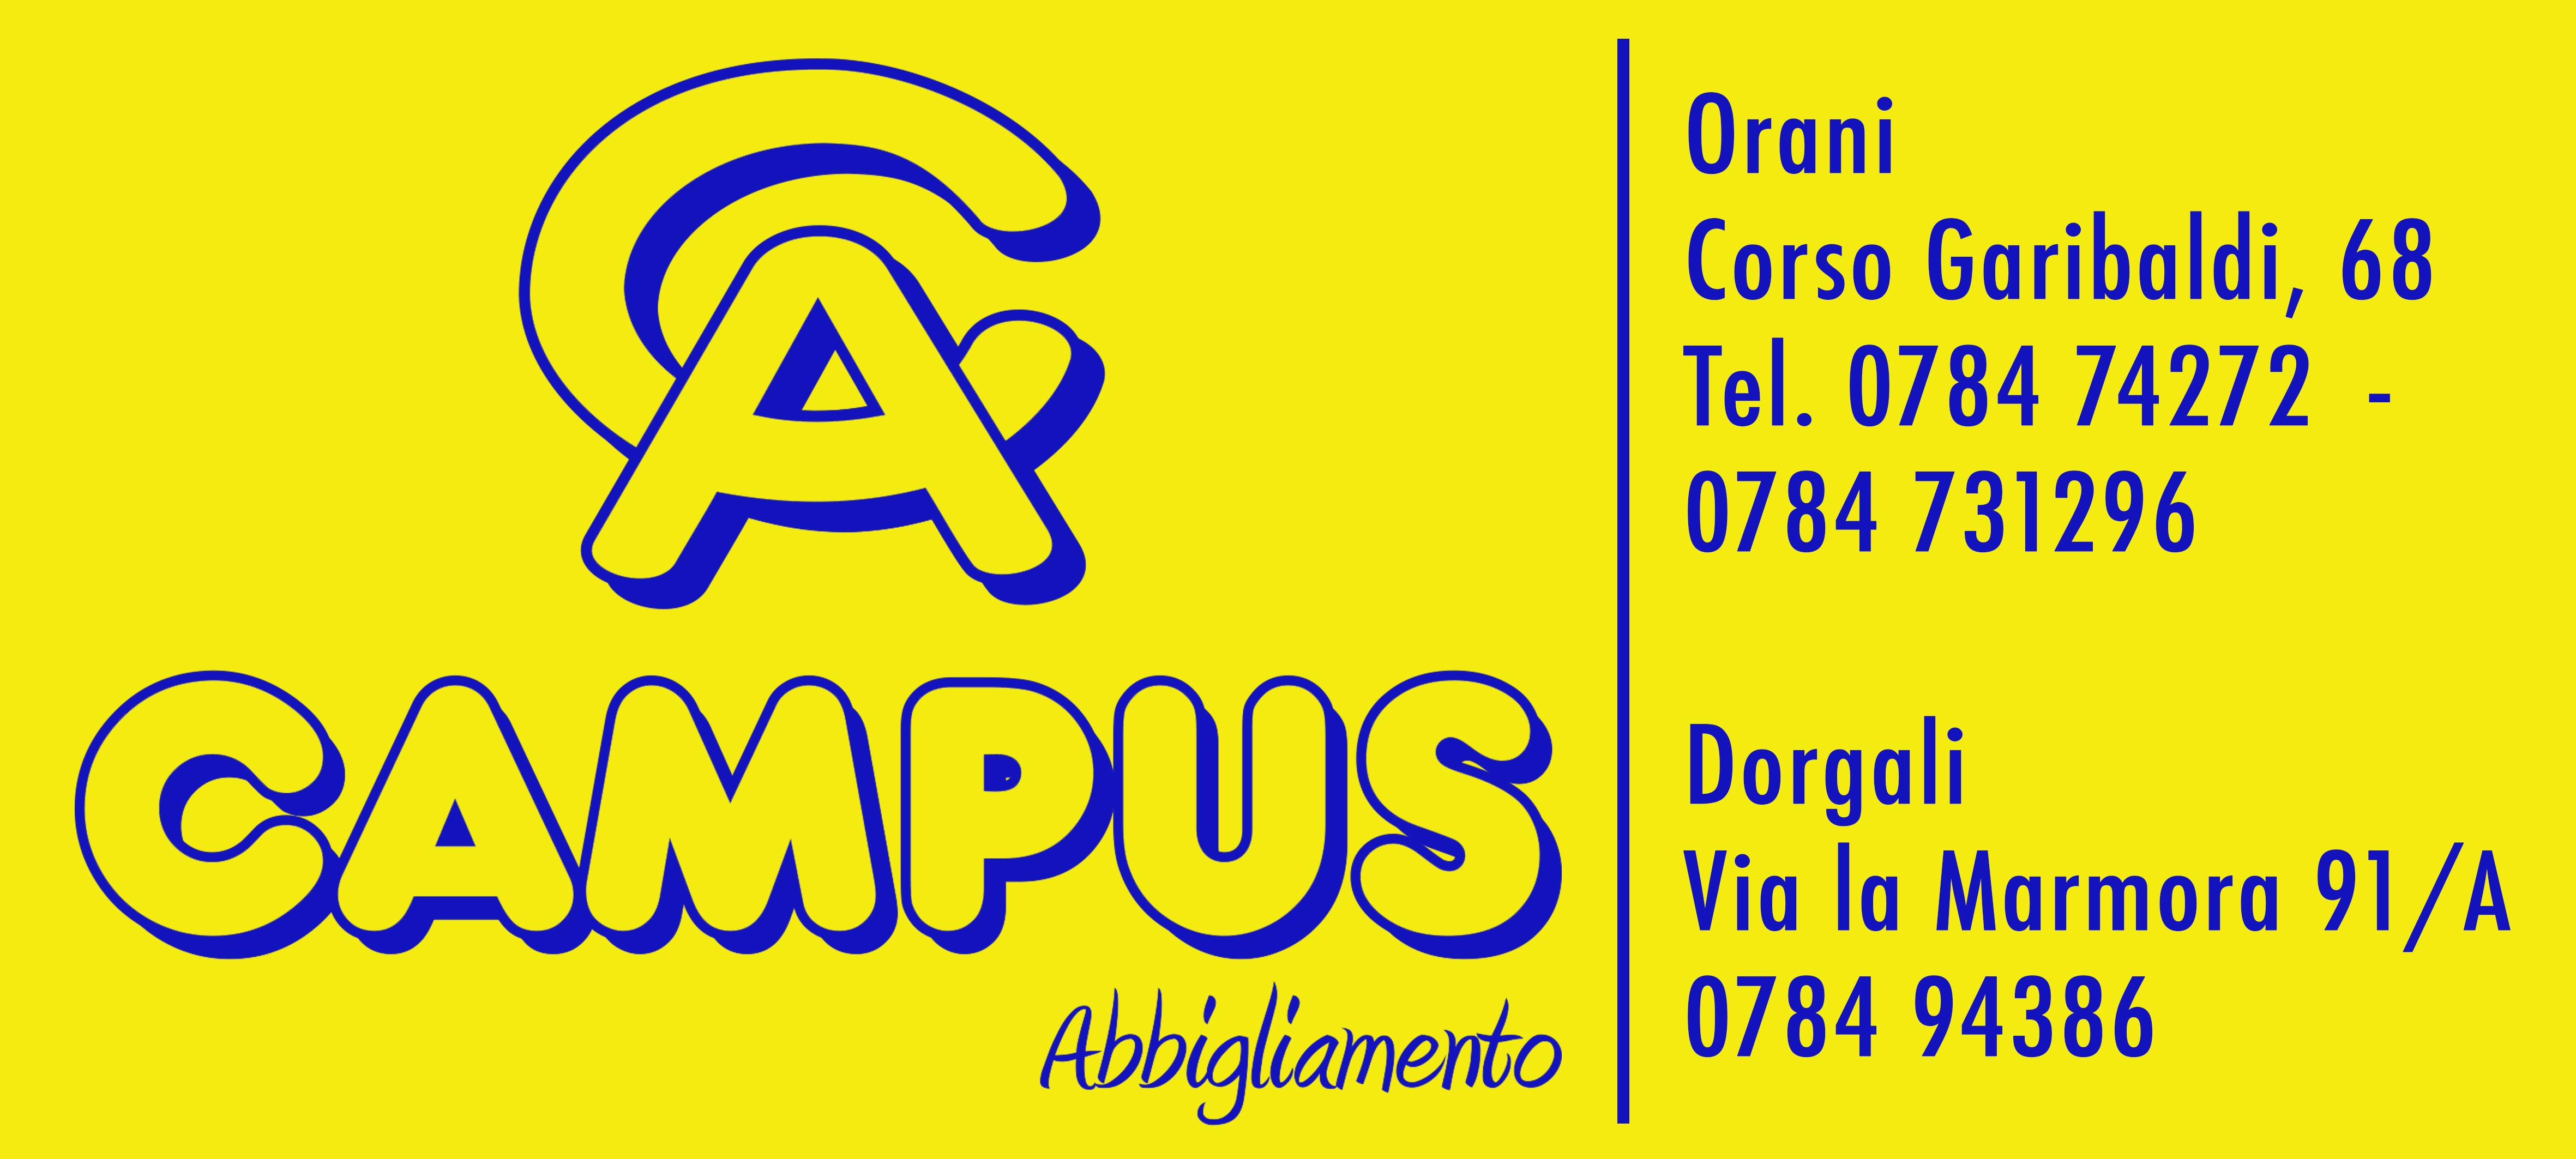 logo Campus abbigliamento